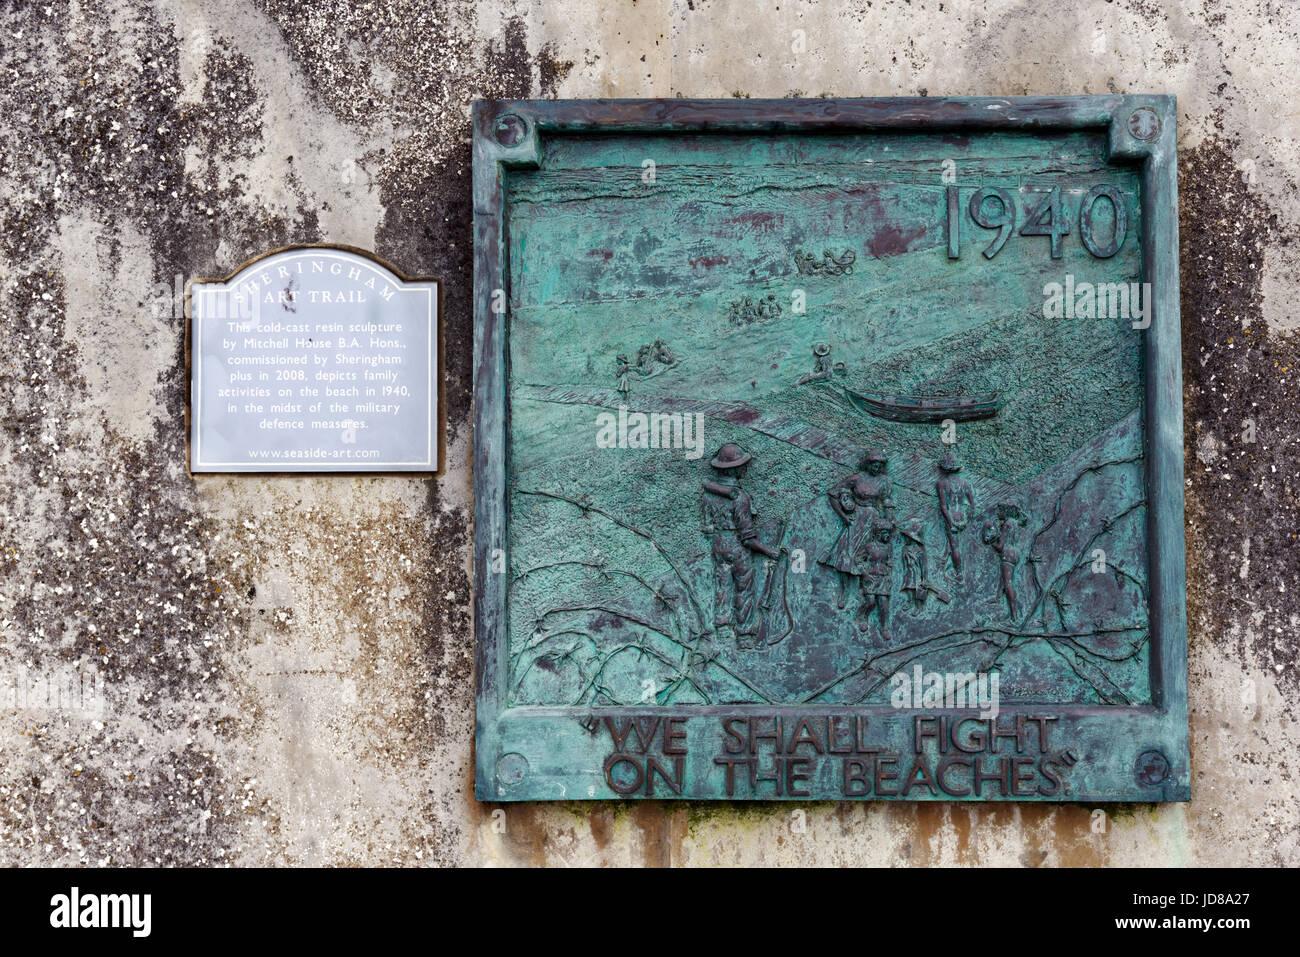 Una placa en Sherigham, Norfolk, en conmemoración de los preparativos para una invasión nazi con Churchill's Imagen De Stock